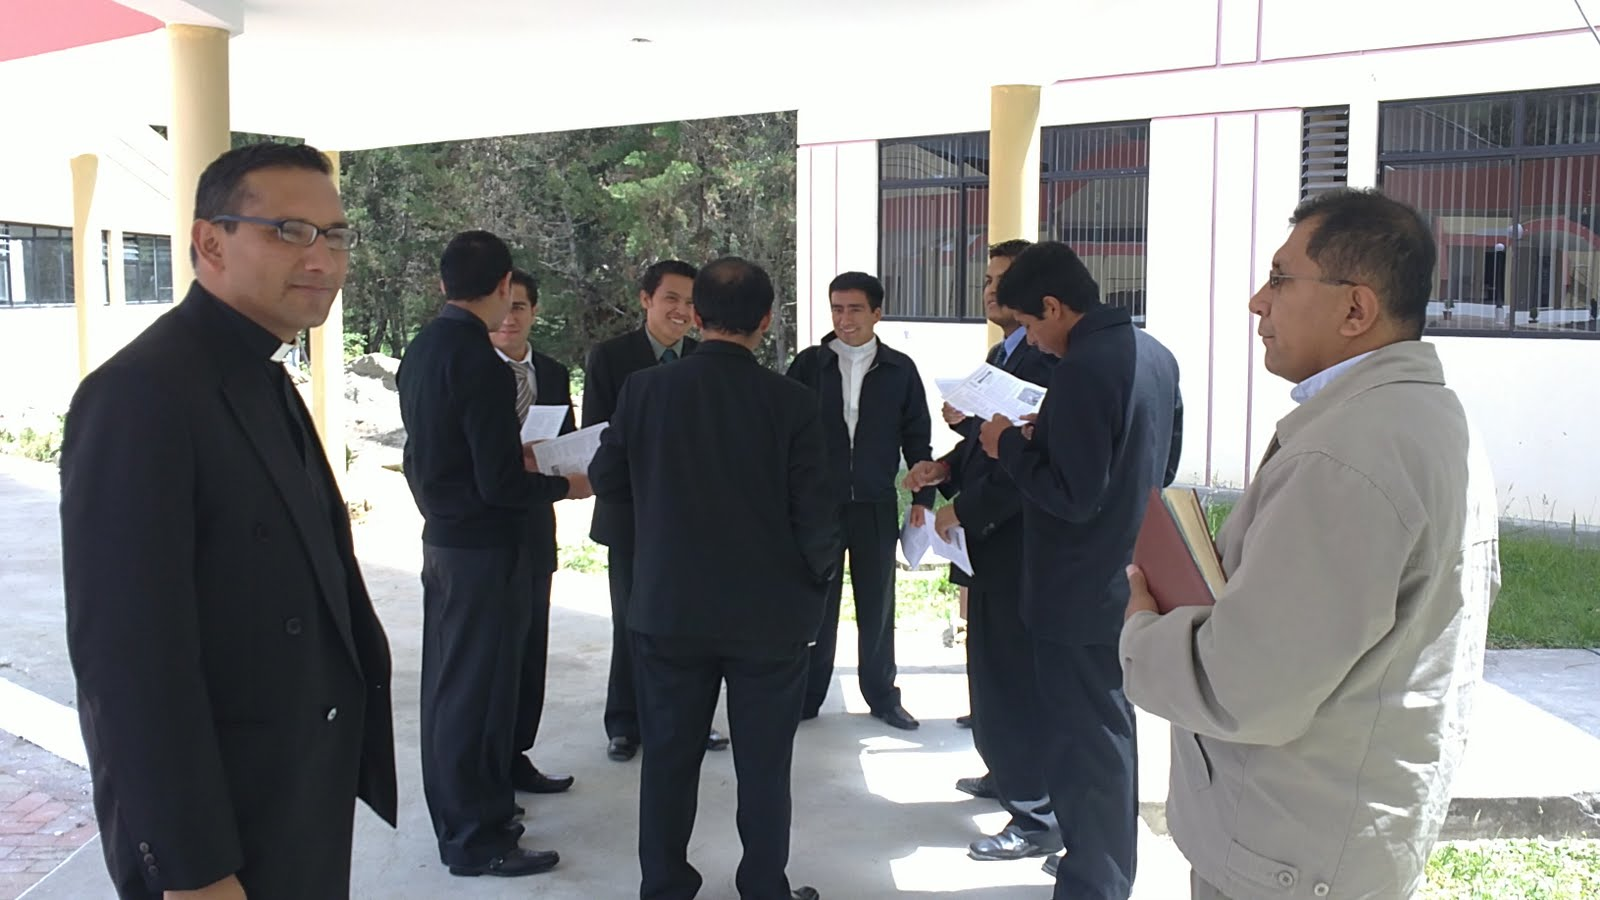 Formadores y alumnos del Seminario 'Reina de El Cisne' © http://elblogdelpadreluis.blogspot.com